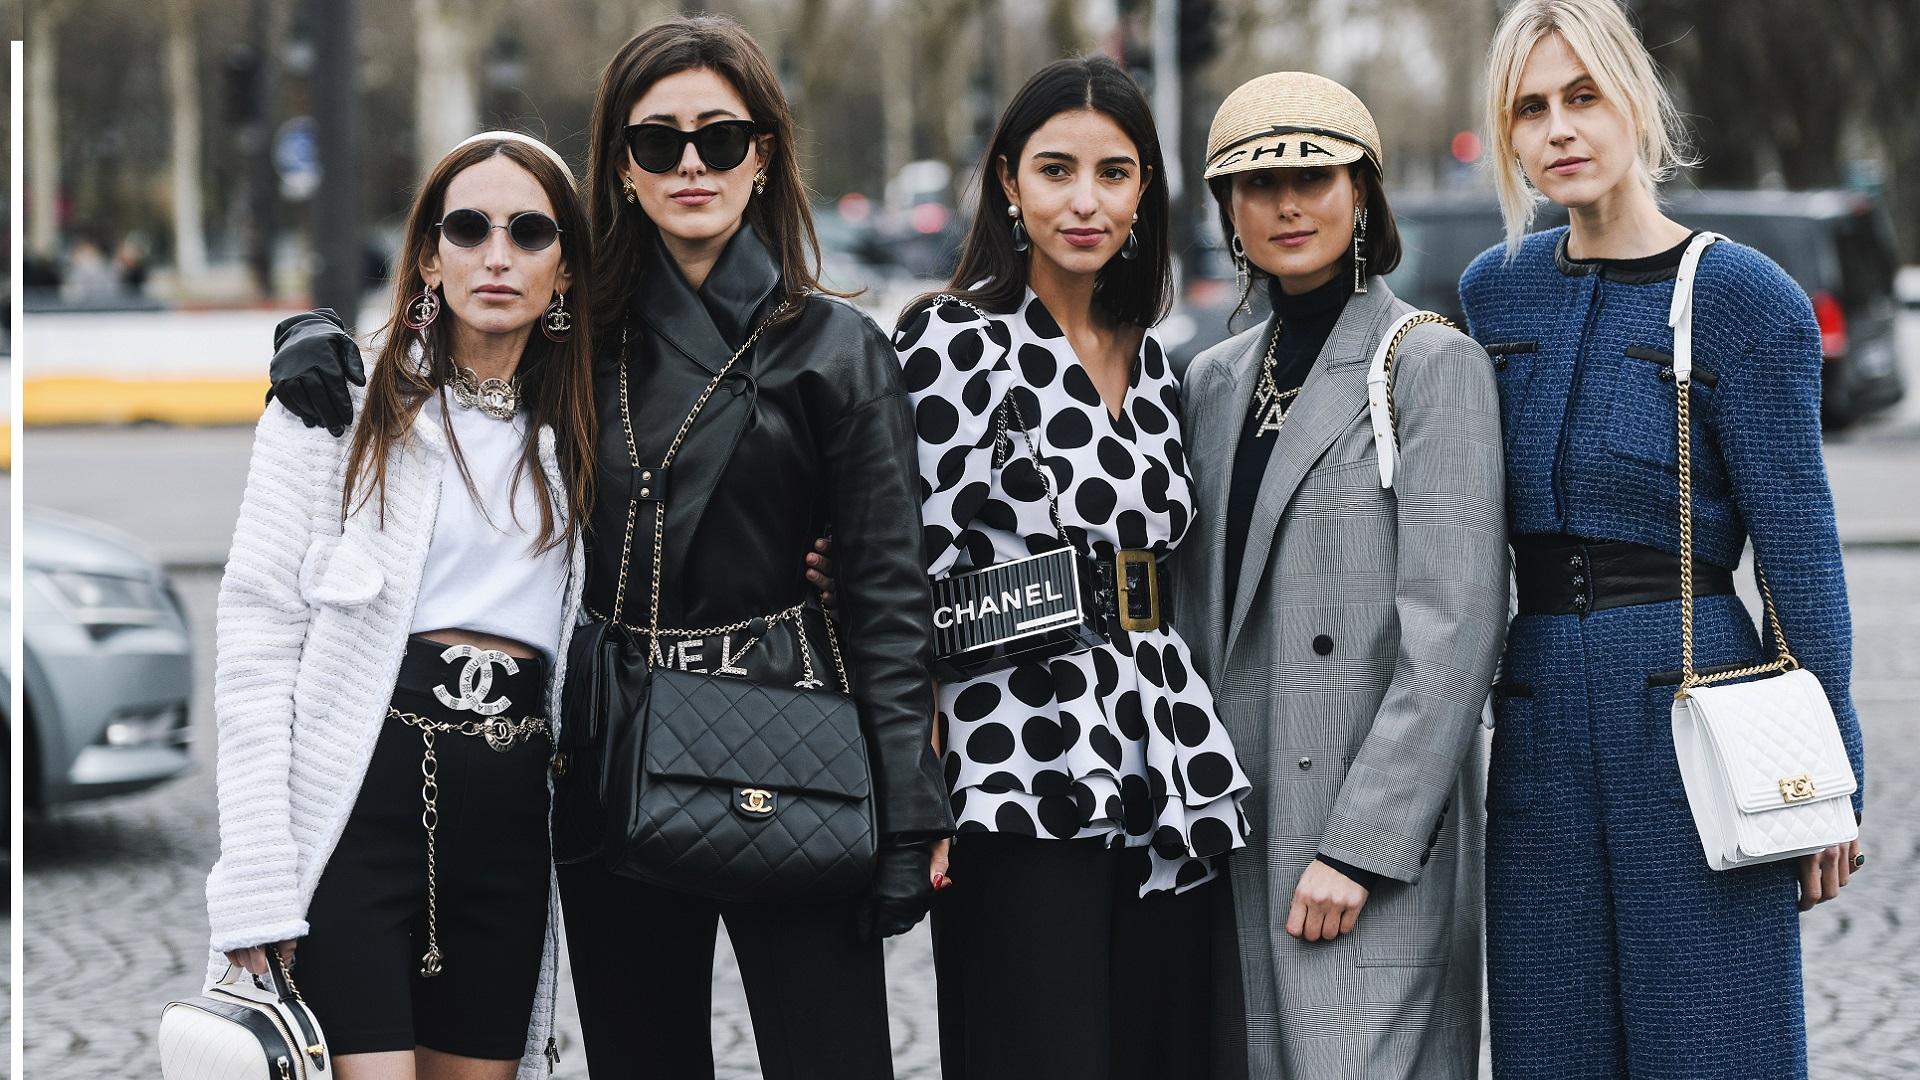 Tendencias Moda Primavera-Verano 2020: ¿Qué se lleva?